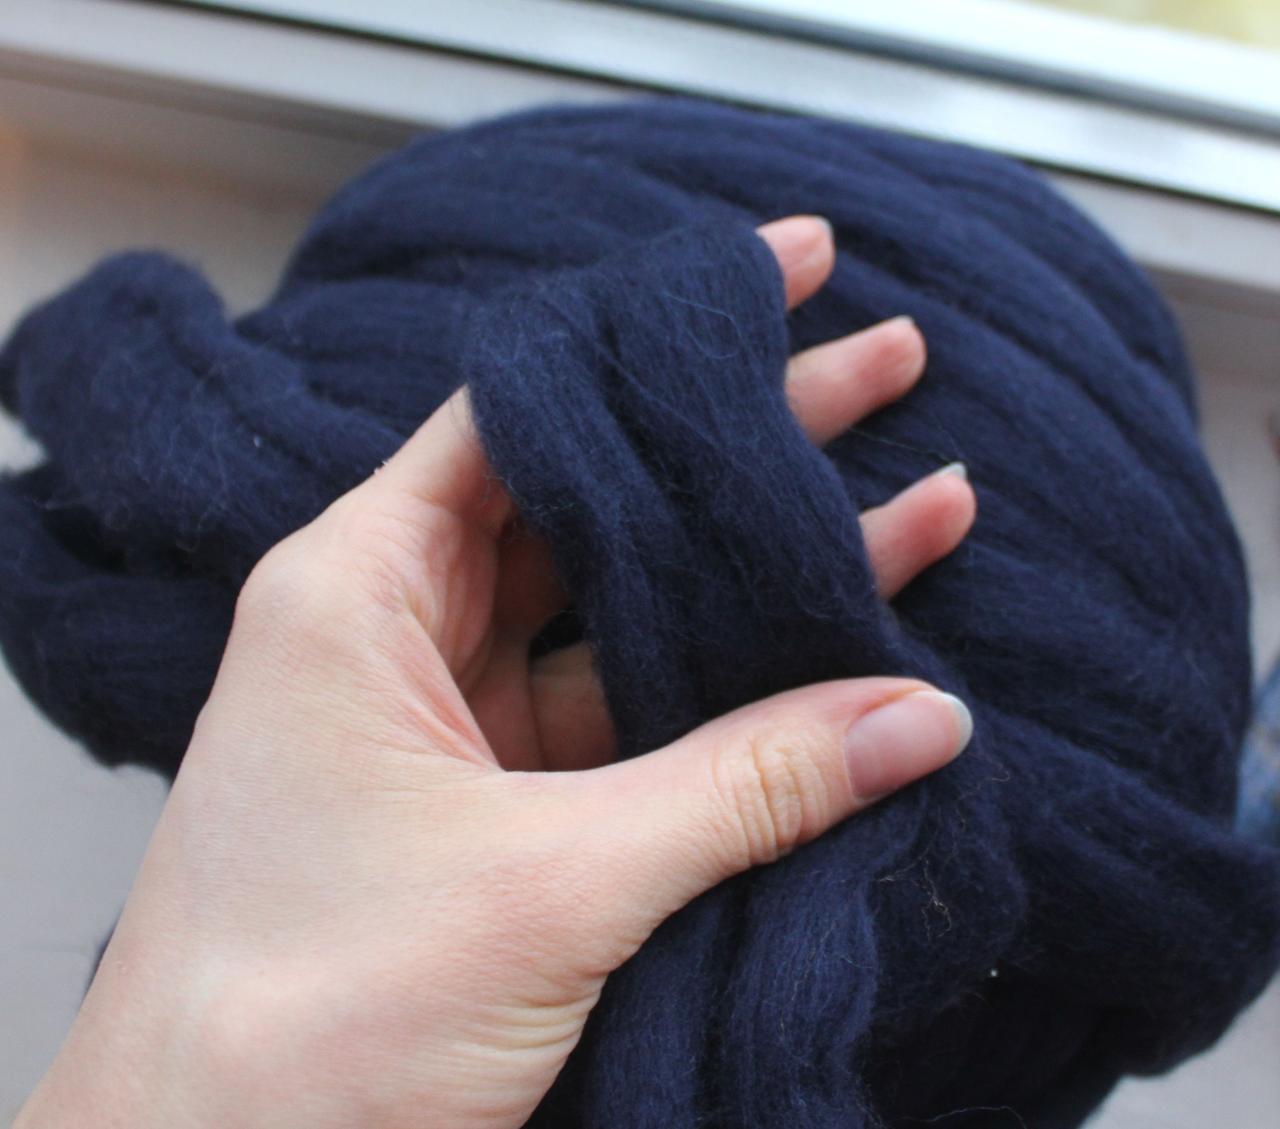 Шерсть овечья для валяния. 50г. Цвет: Темно-Синий. 25-26 мкрн. Топс. Гребенная лента.